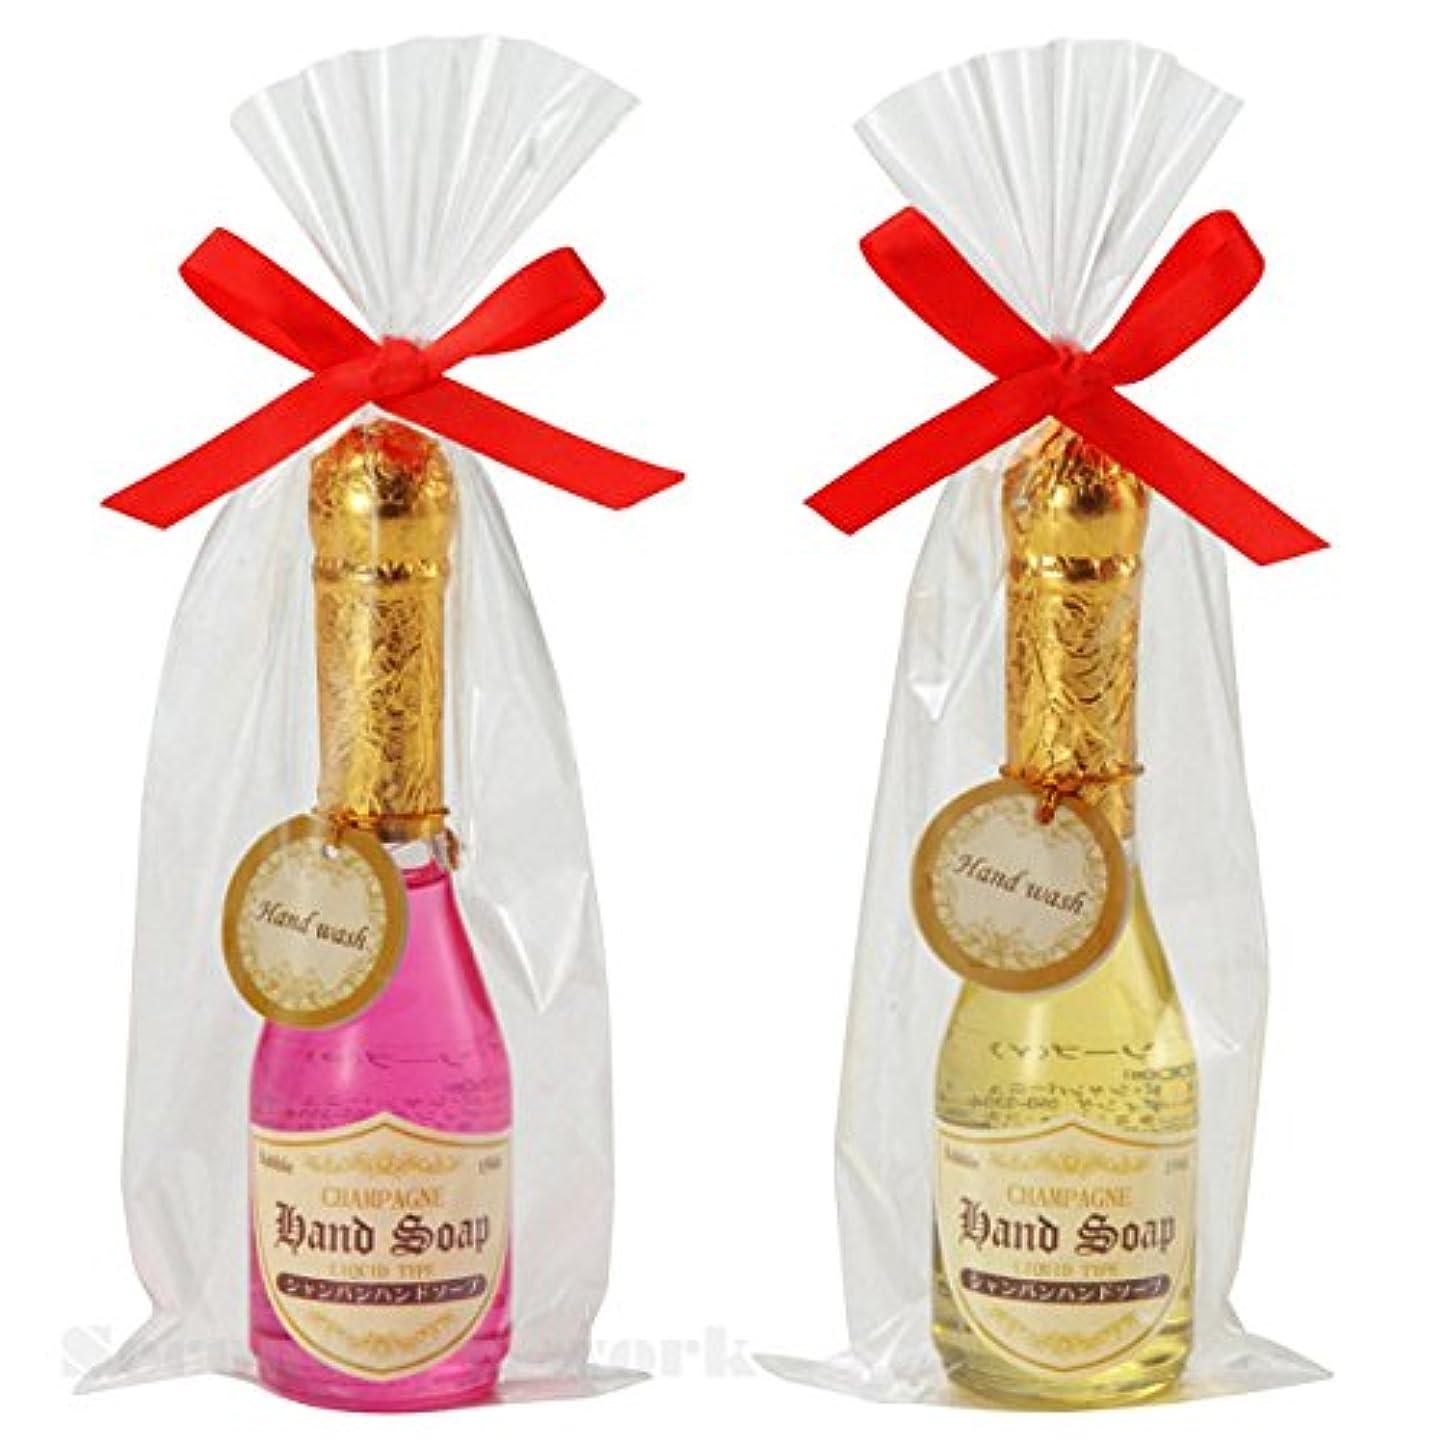 現れる漏れハーフ【96本セット販売(2色取混ぜ)】シャンパンハンドソープ イエロー?ピンク2色取混ぜ